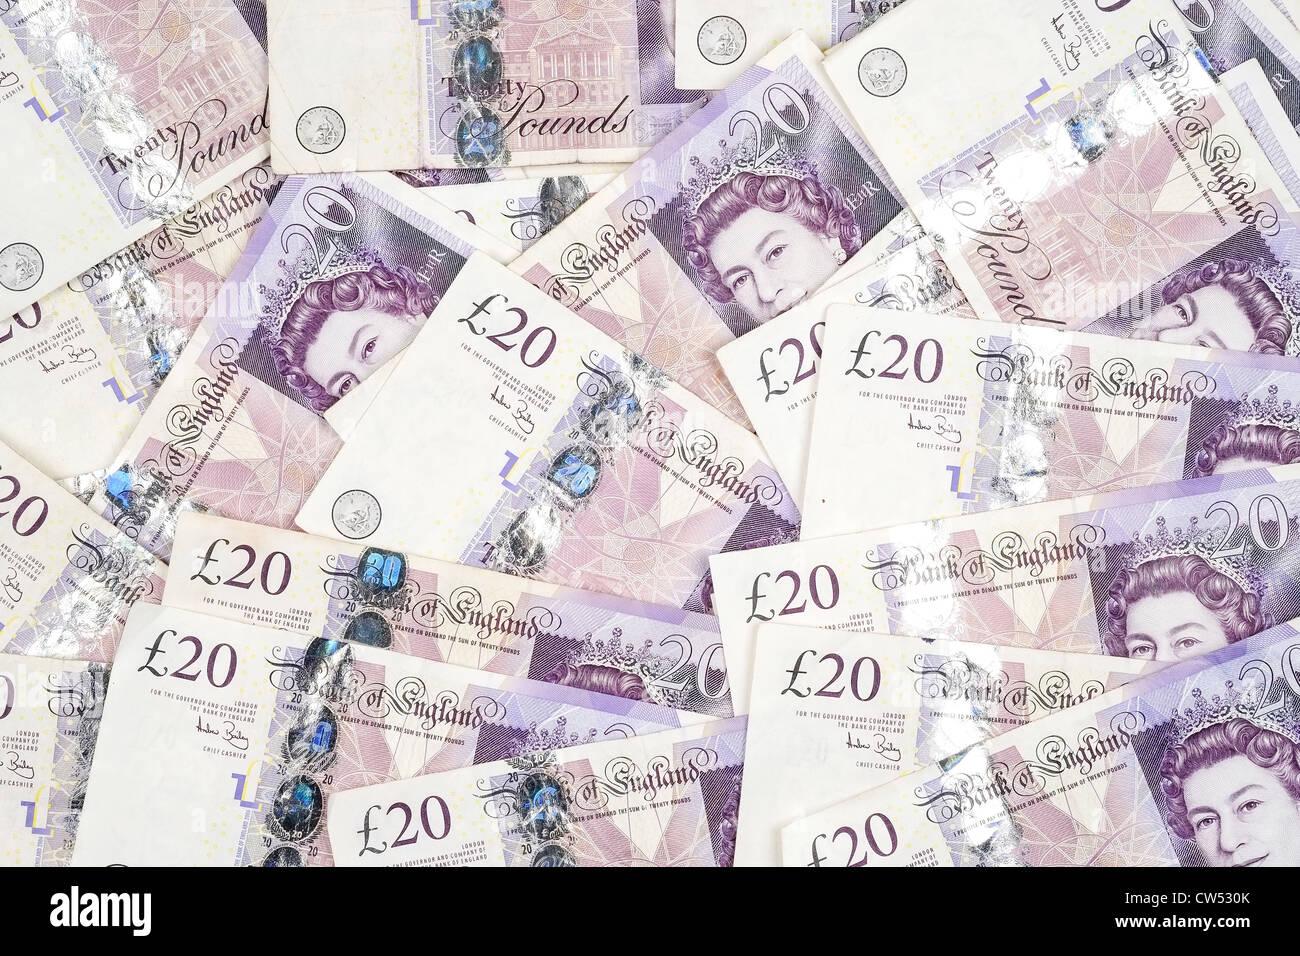 A background image of UK twenty pound notes - Stock Image